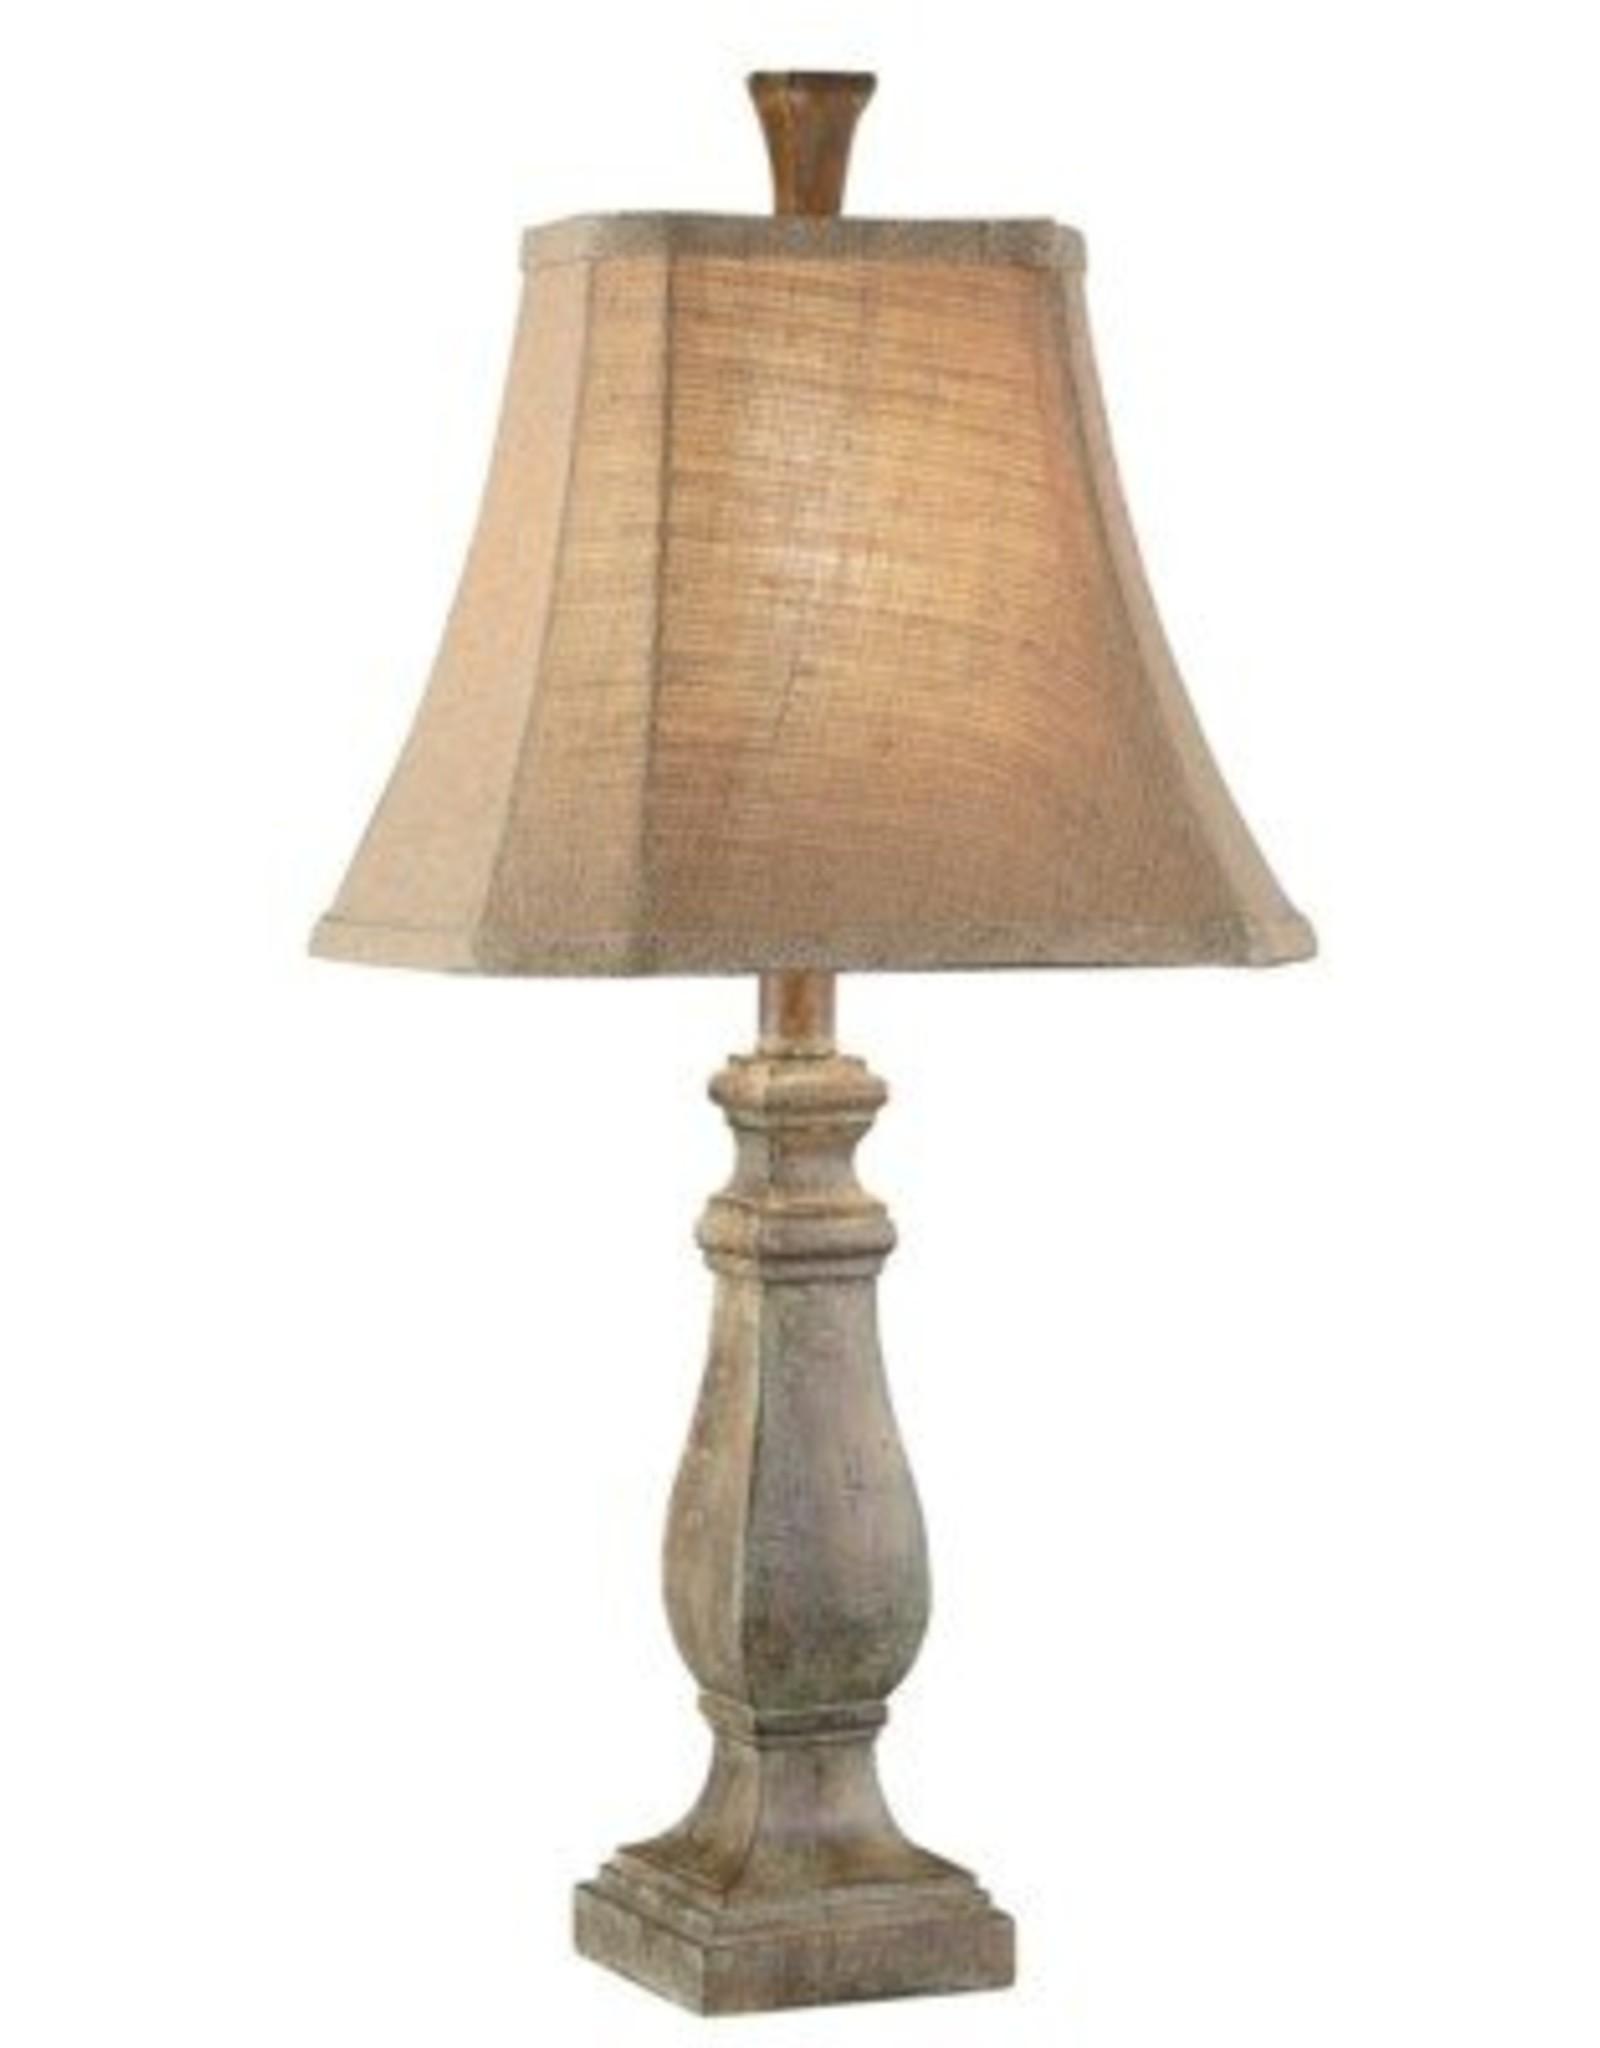 Crestview Resin Table Lamp w/ Burlap Shade